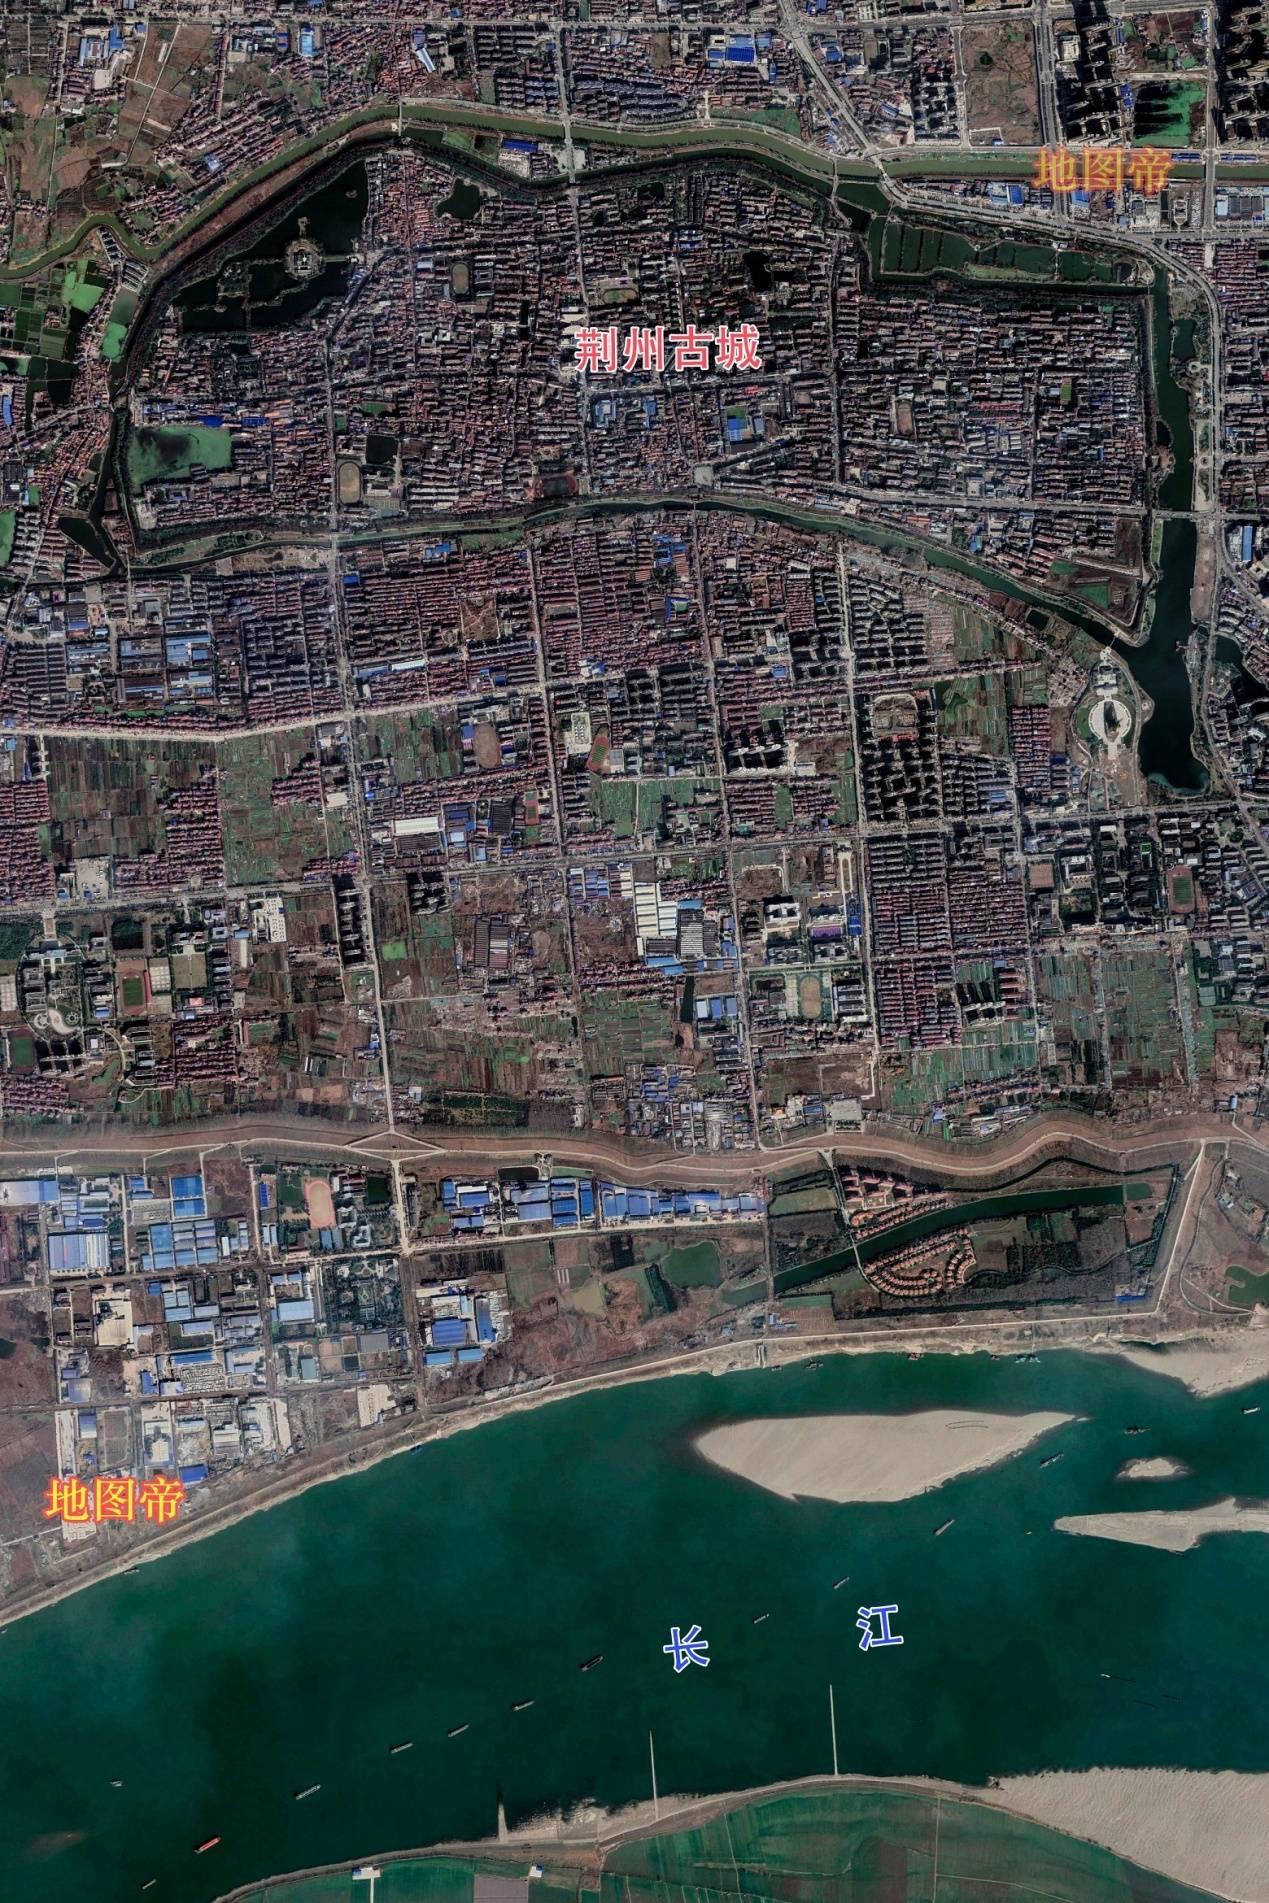 战国时楚国为何定都湖北荆州?看古城航拍图一目了然